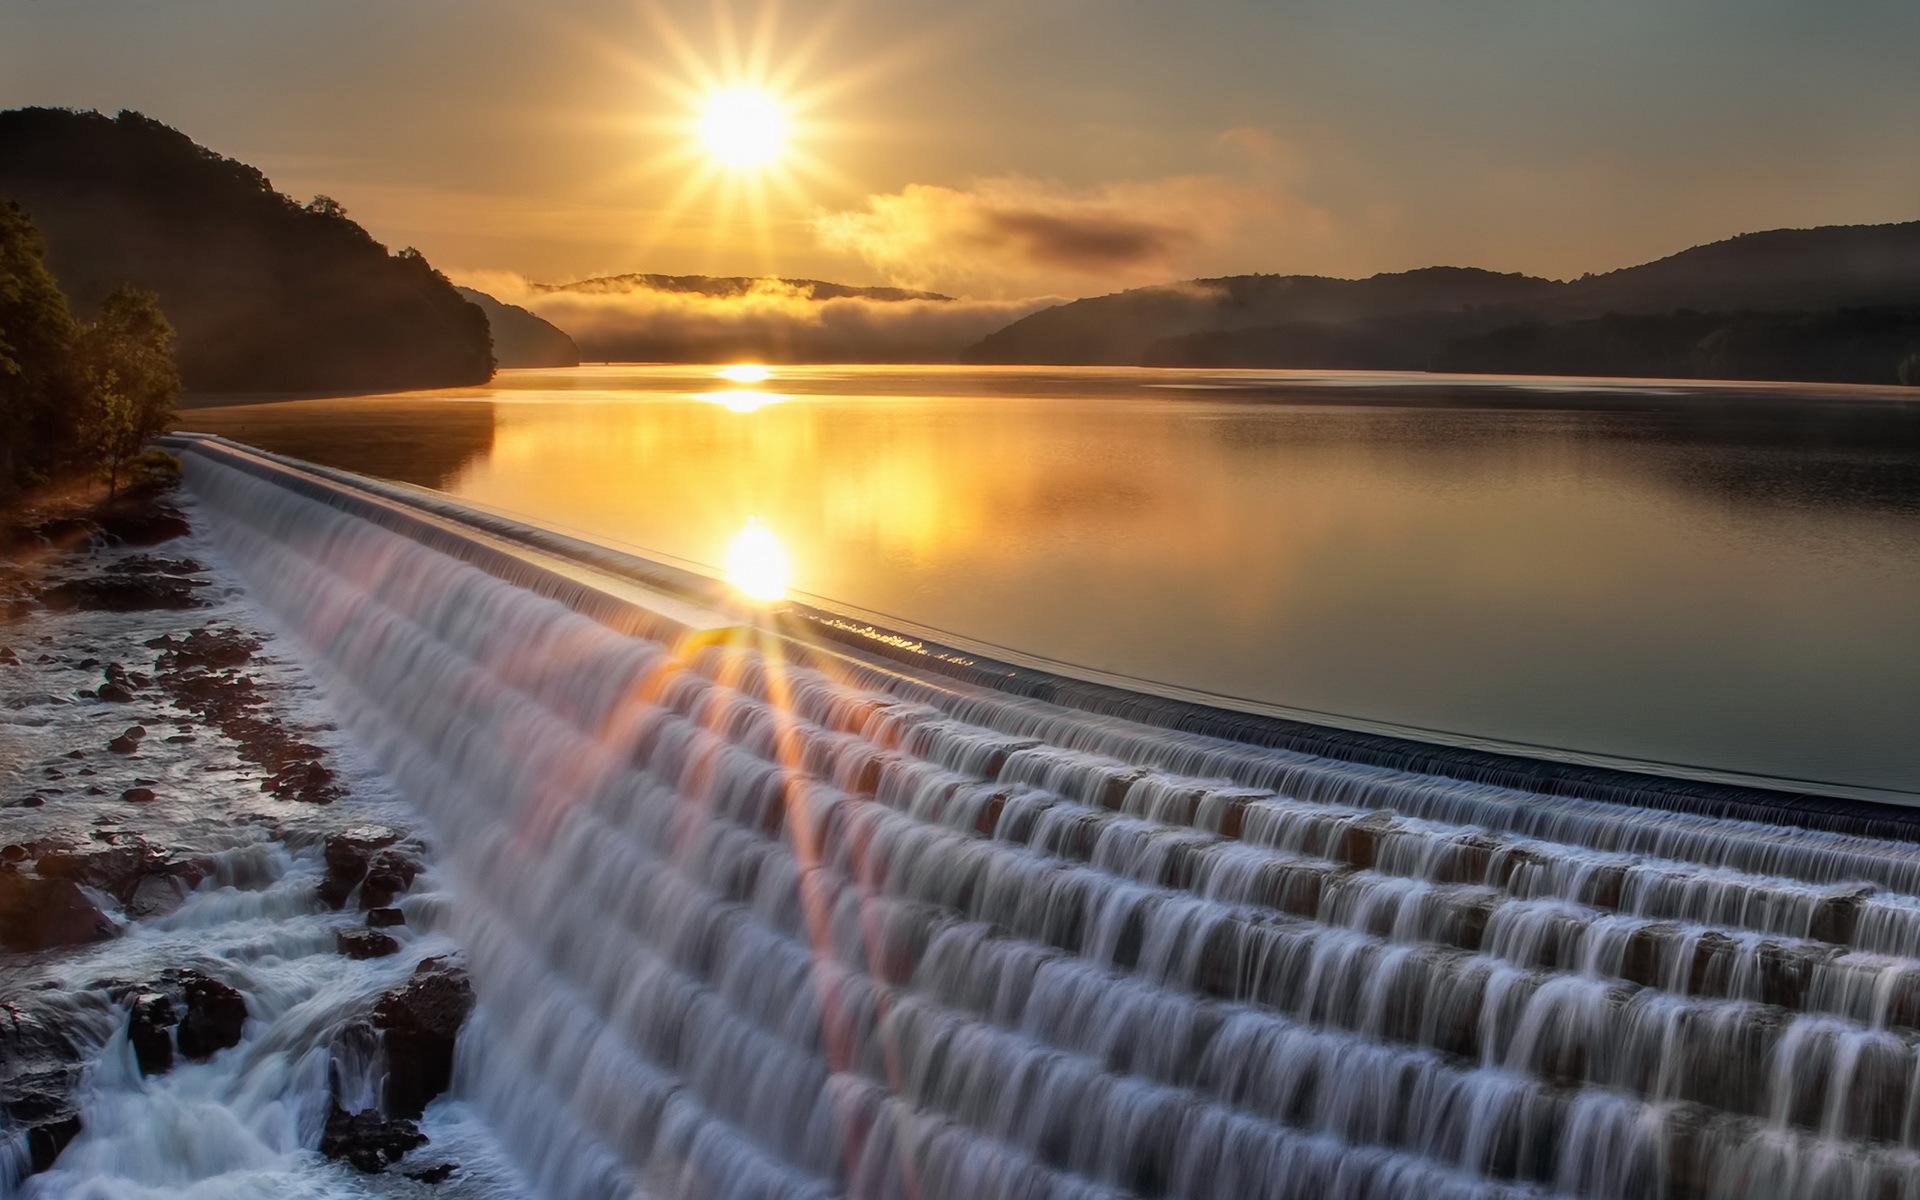 18498 скачать обои Водопады, Пейзаж, Закат, Река - заставки и картинки бесплатно